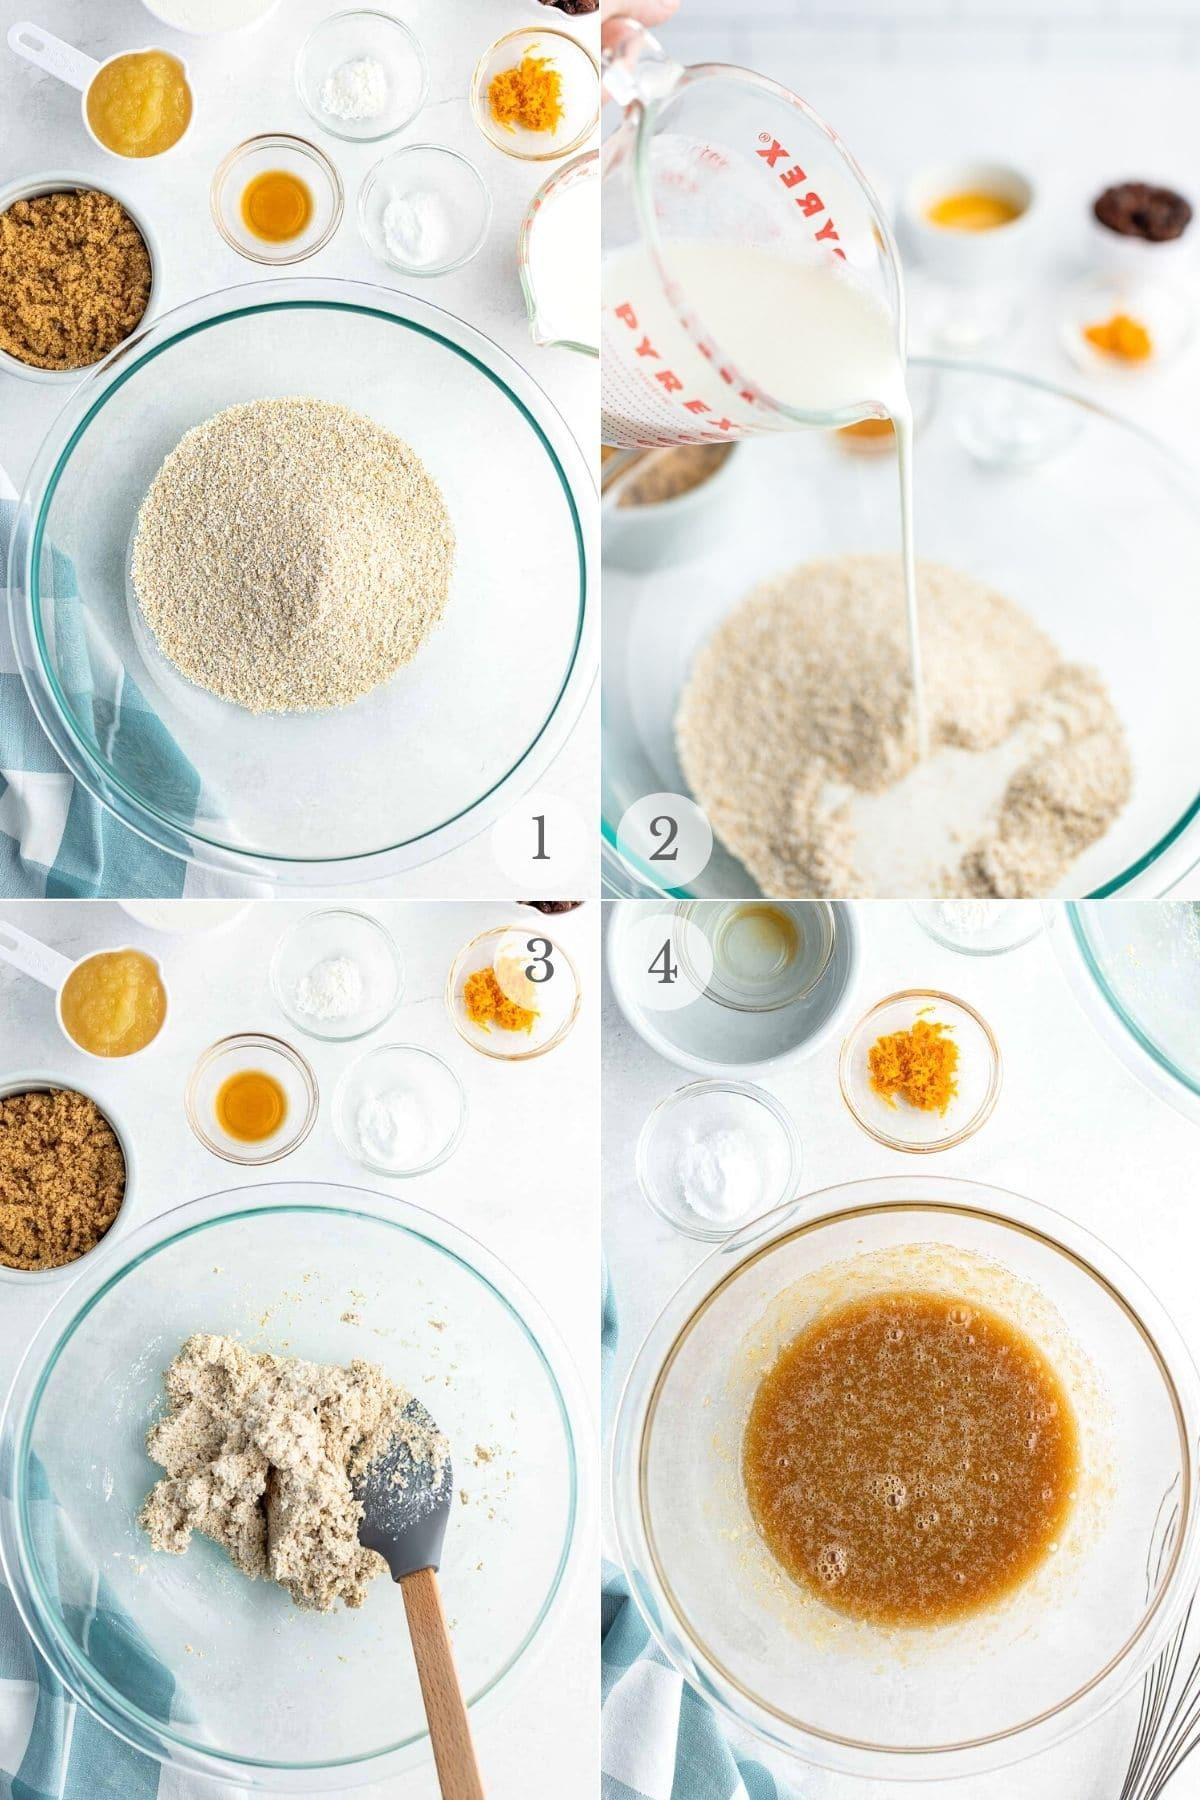 oat bran muffins recipe steps 1-4